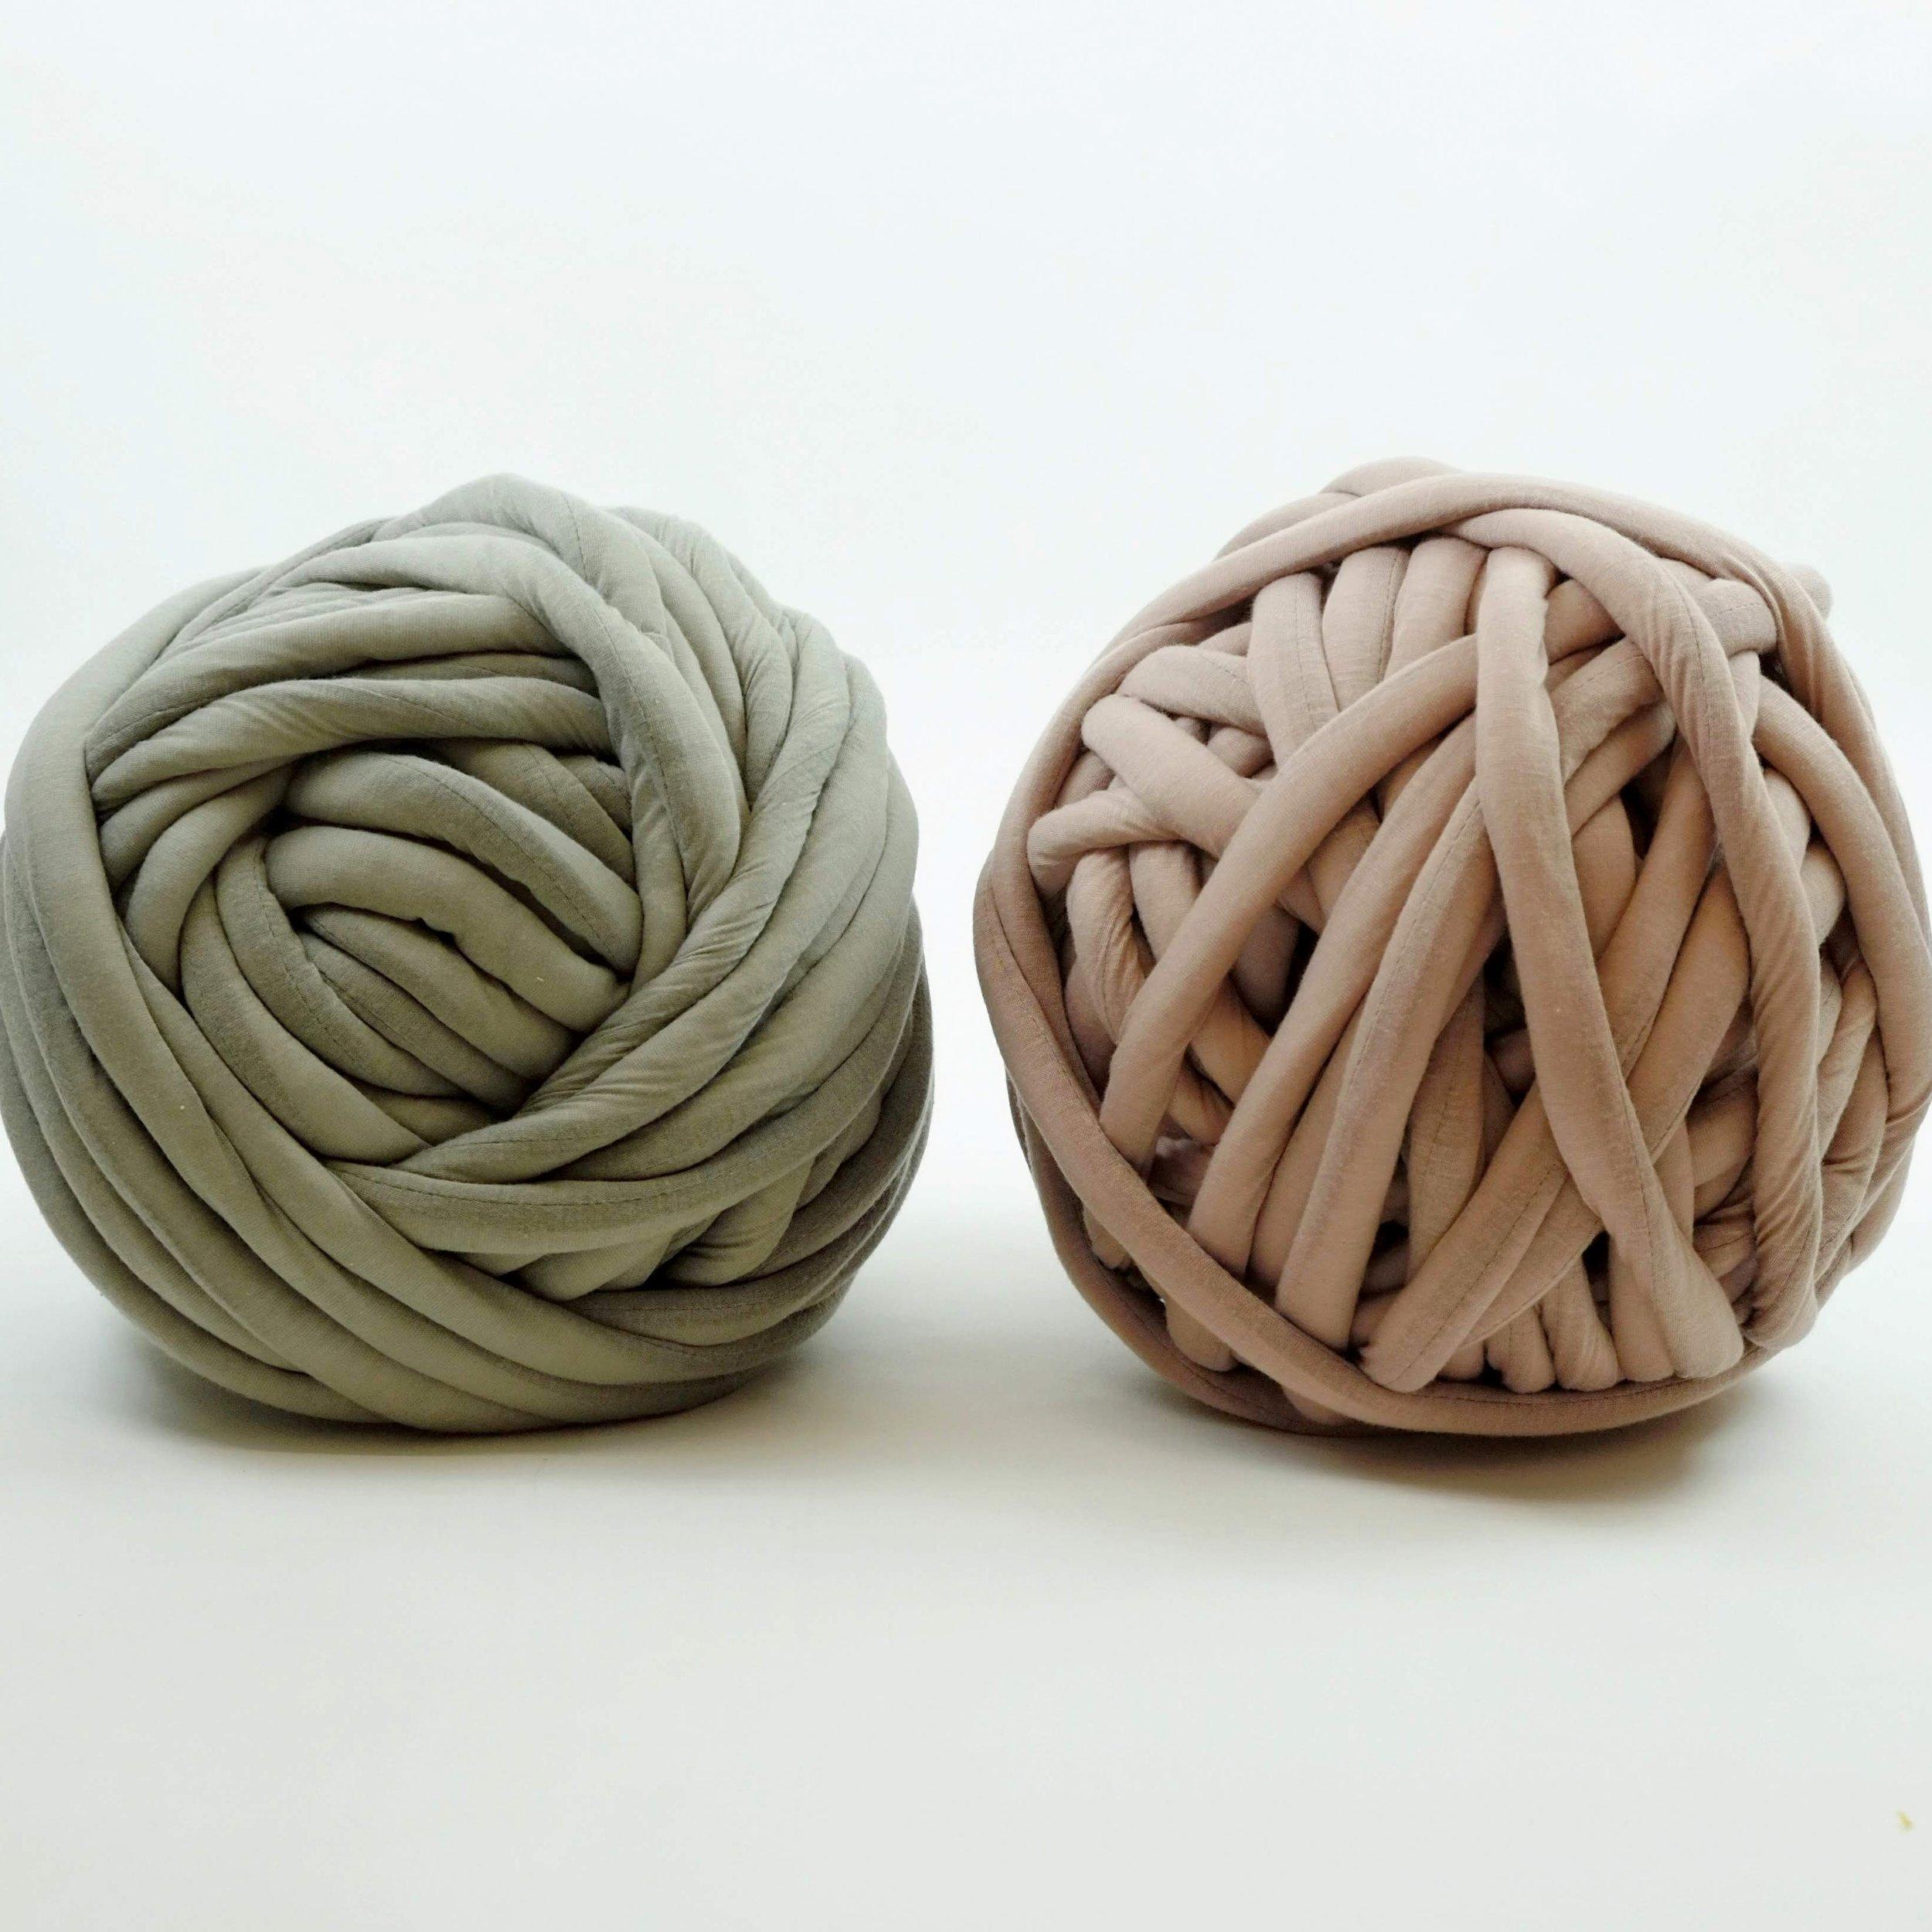 Get stuffed arm knitting yarn.jpg